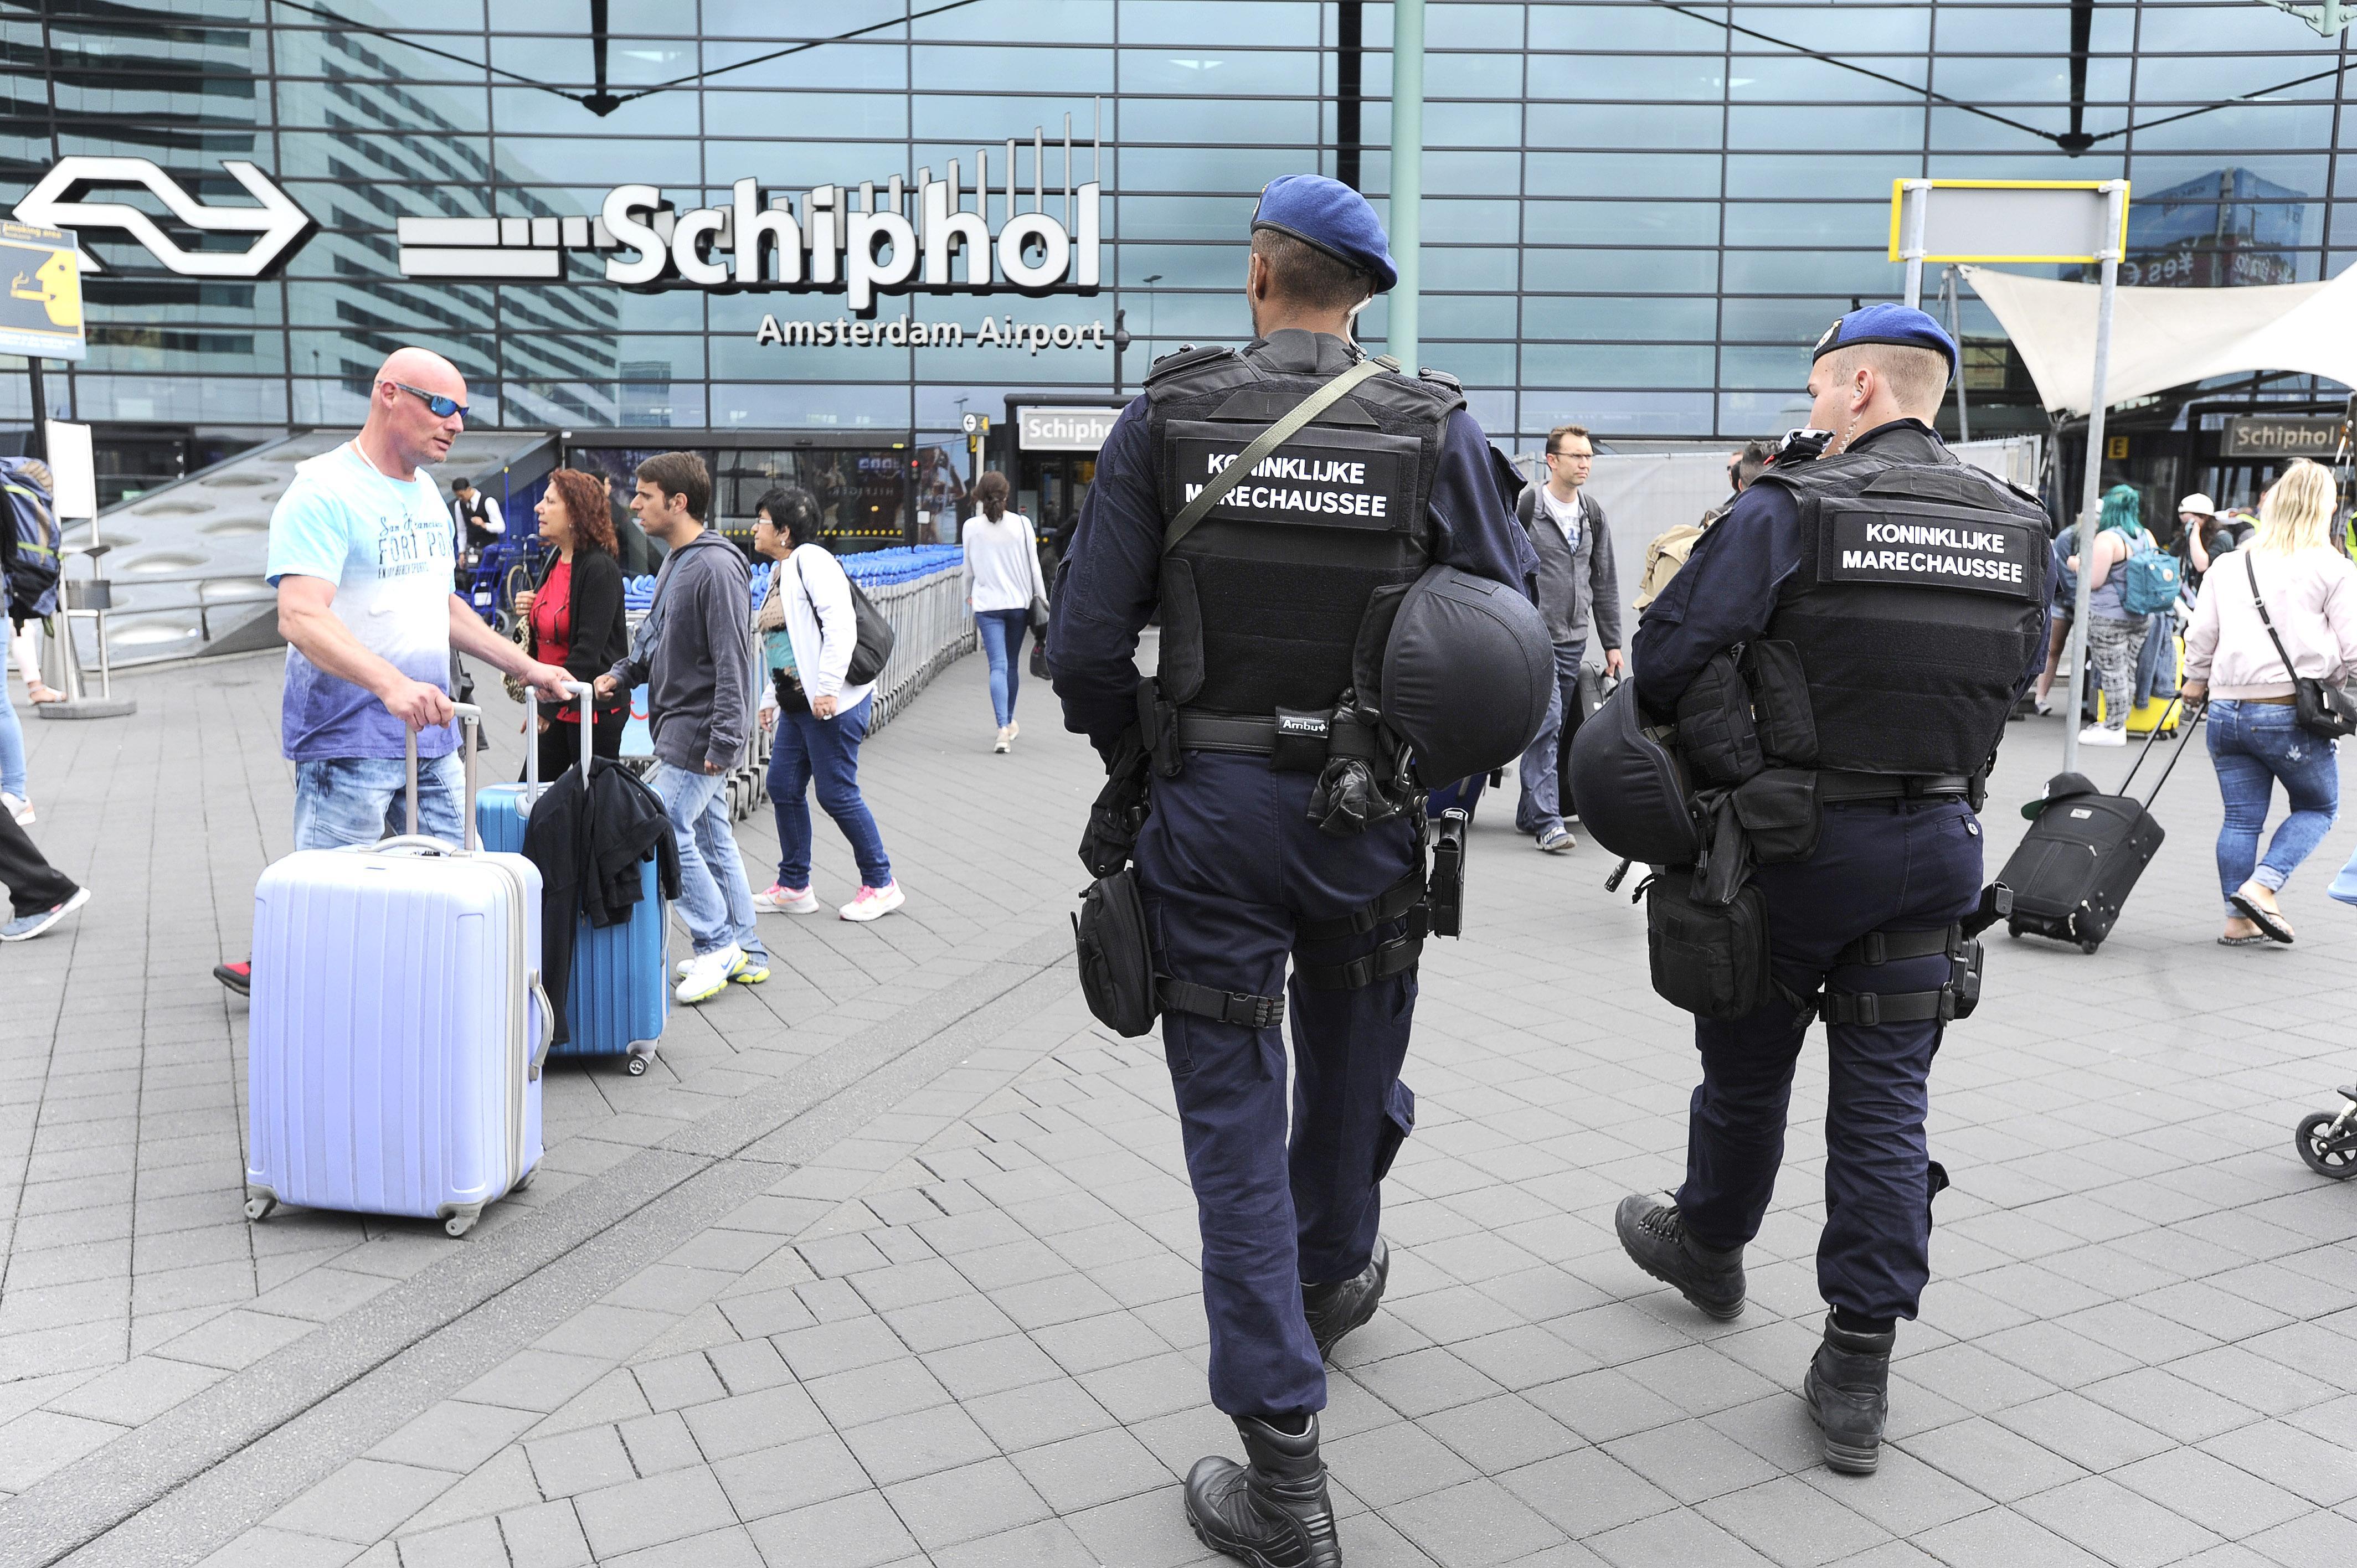 Passagier probeert 53 Congolese rijbewijzen mee te smokkelen op Schiphol